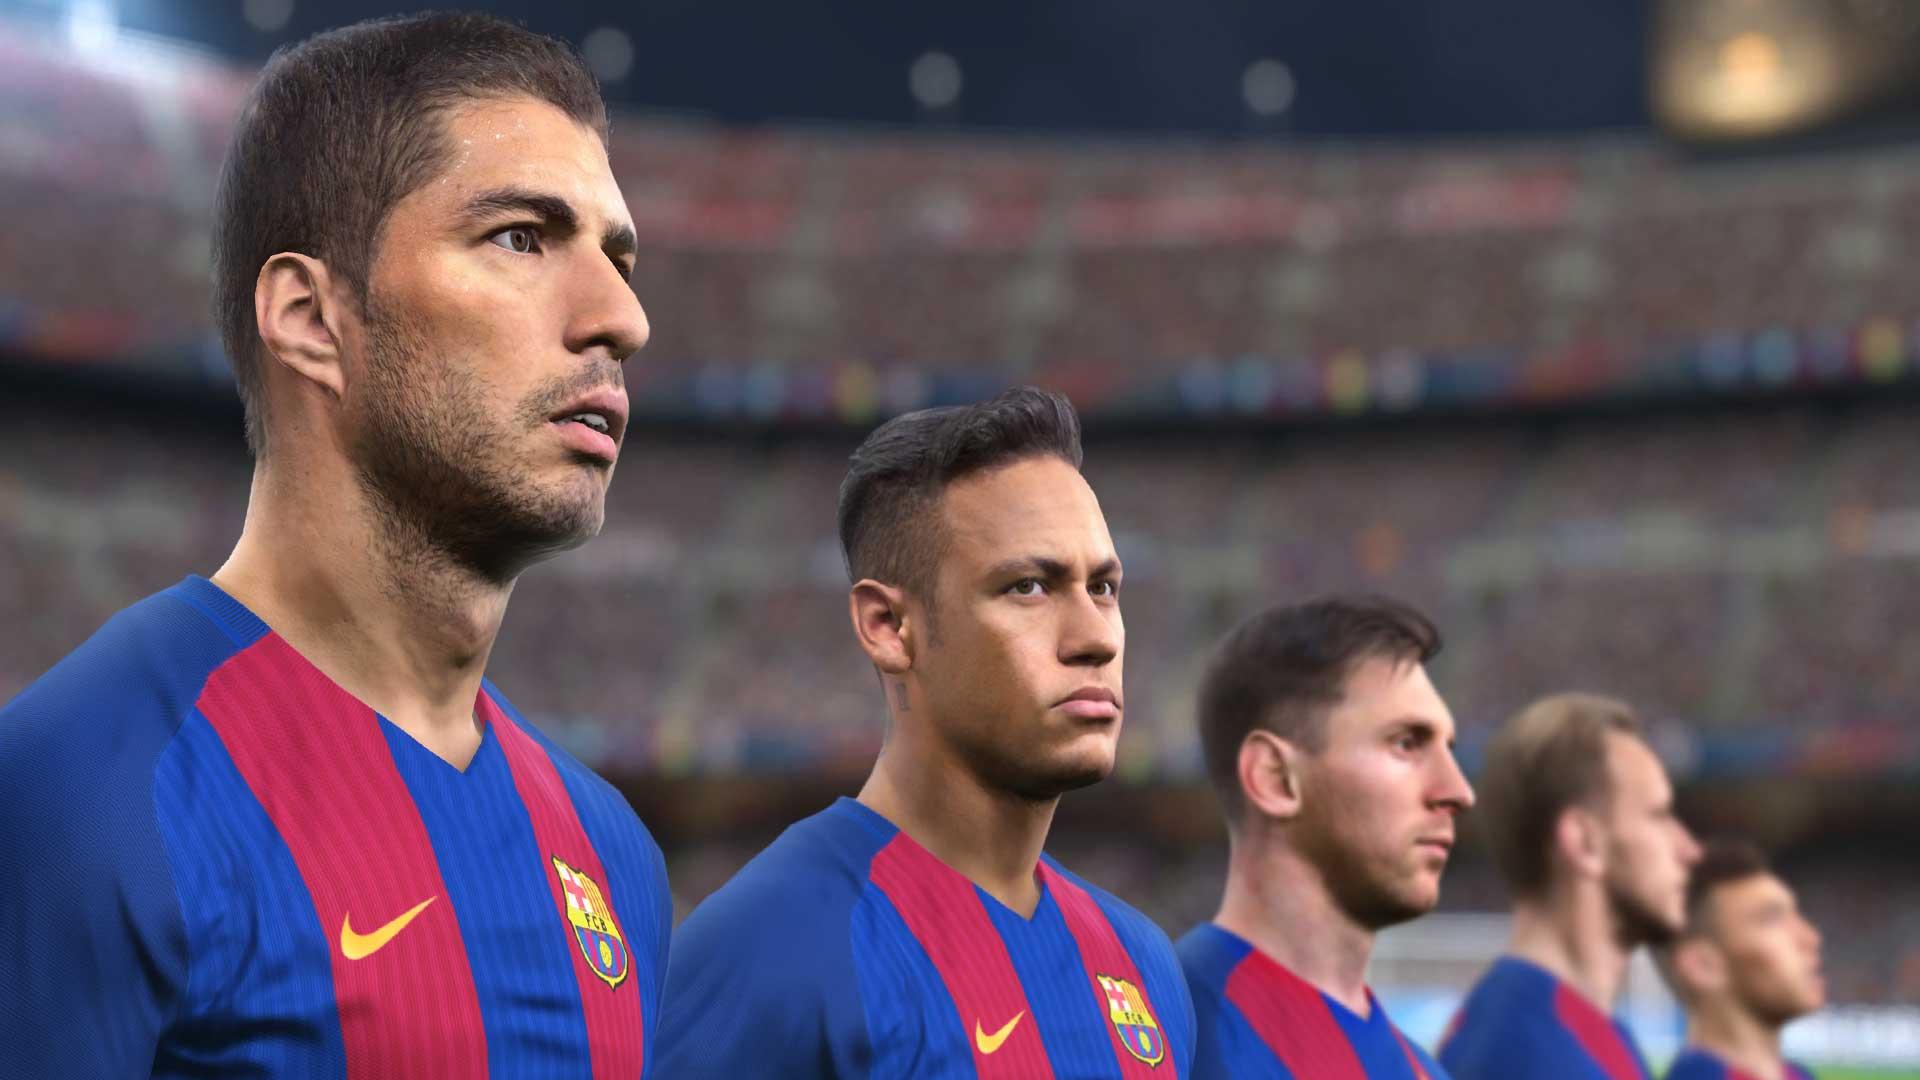 コナミ、FCバルセロナとプレミアムパートナー契約を締結。選手や戦術等を『PES 2017 (ウイイレ2017)』でよりリアルに再現